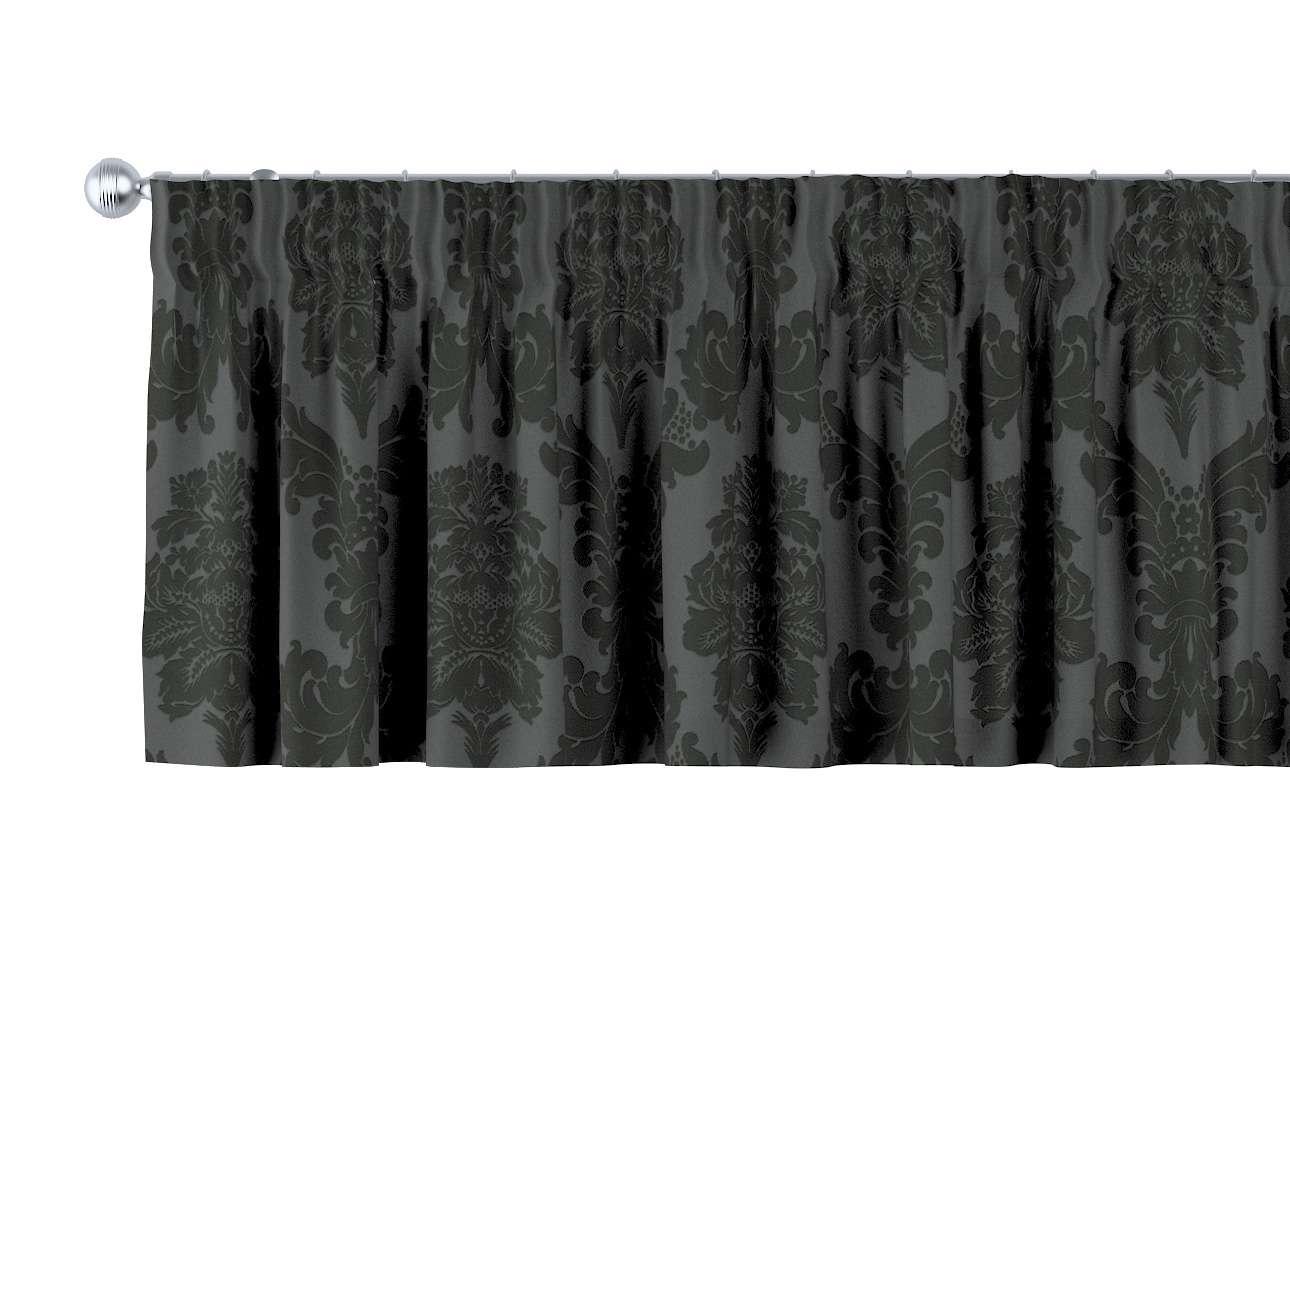 Gardinkappa med rynkband i kollektionen Damasco, Tyg: 613-32